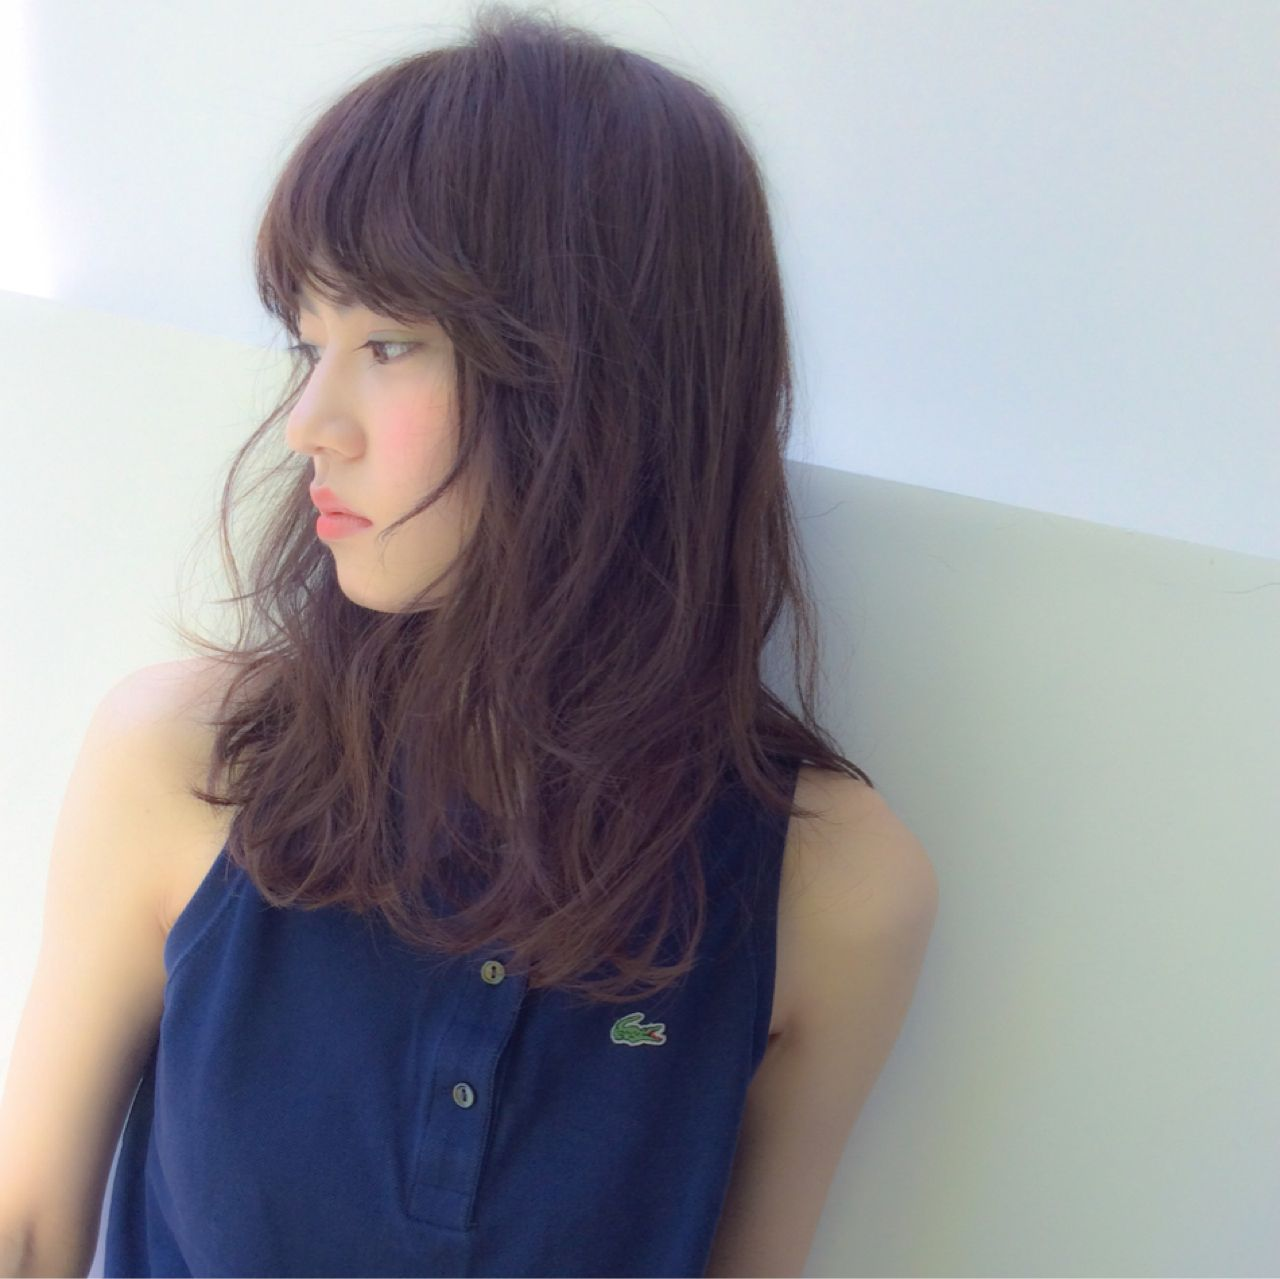 思い通りのスタイルになれる!ミディアム×パーマ七変化♡ 細田真吾 / Grow